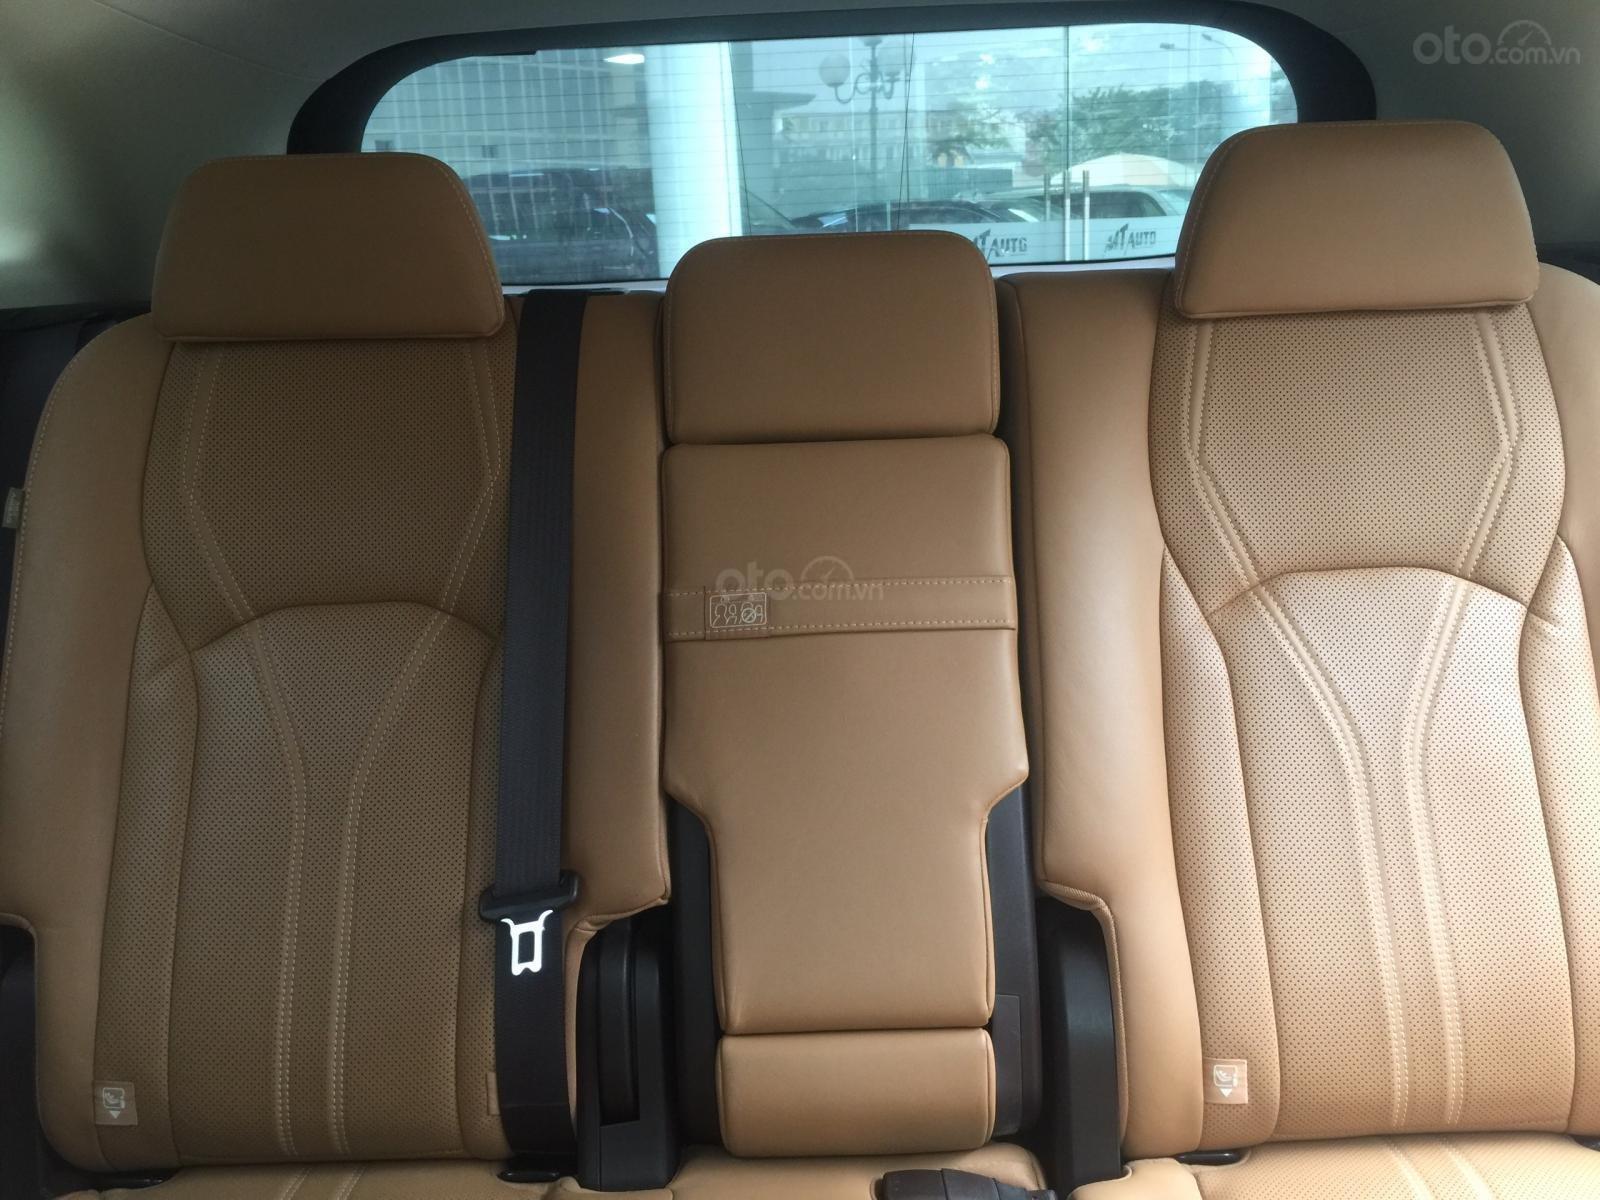 Bán Lexus RX 200T SX 2016, giá tốt giao ngay LH 094.539.2468 Ms. Hương (8)